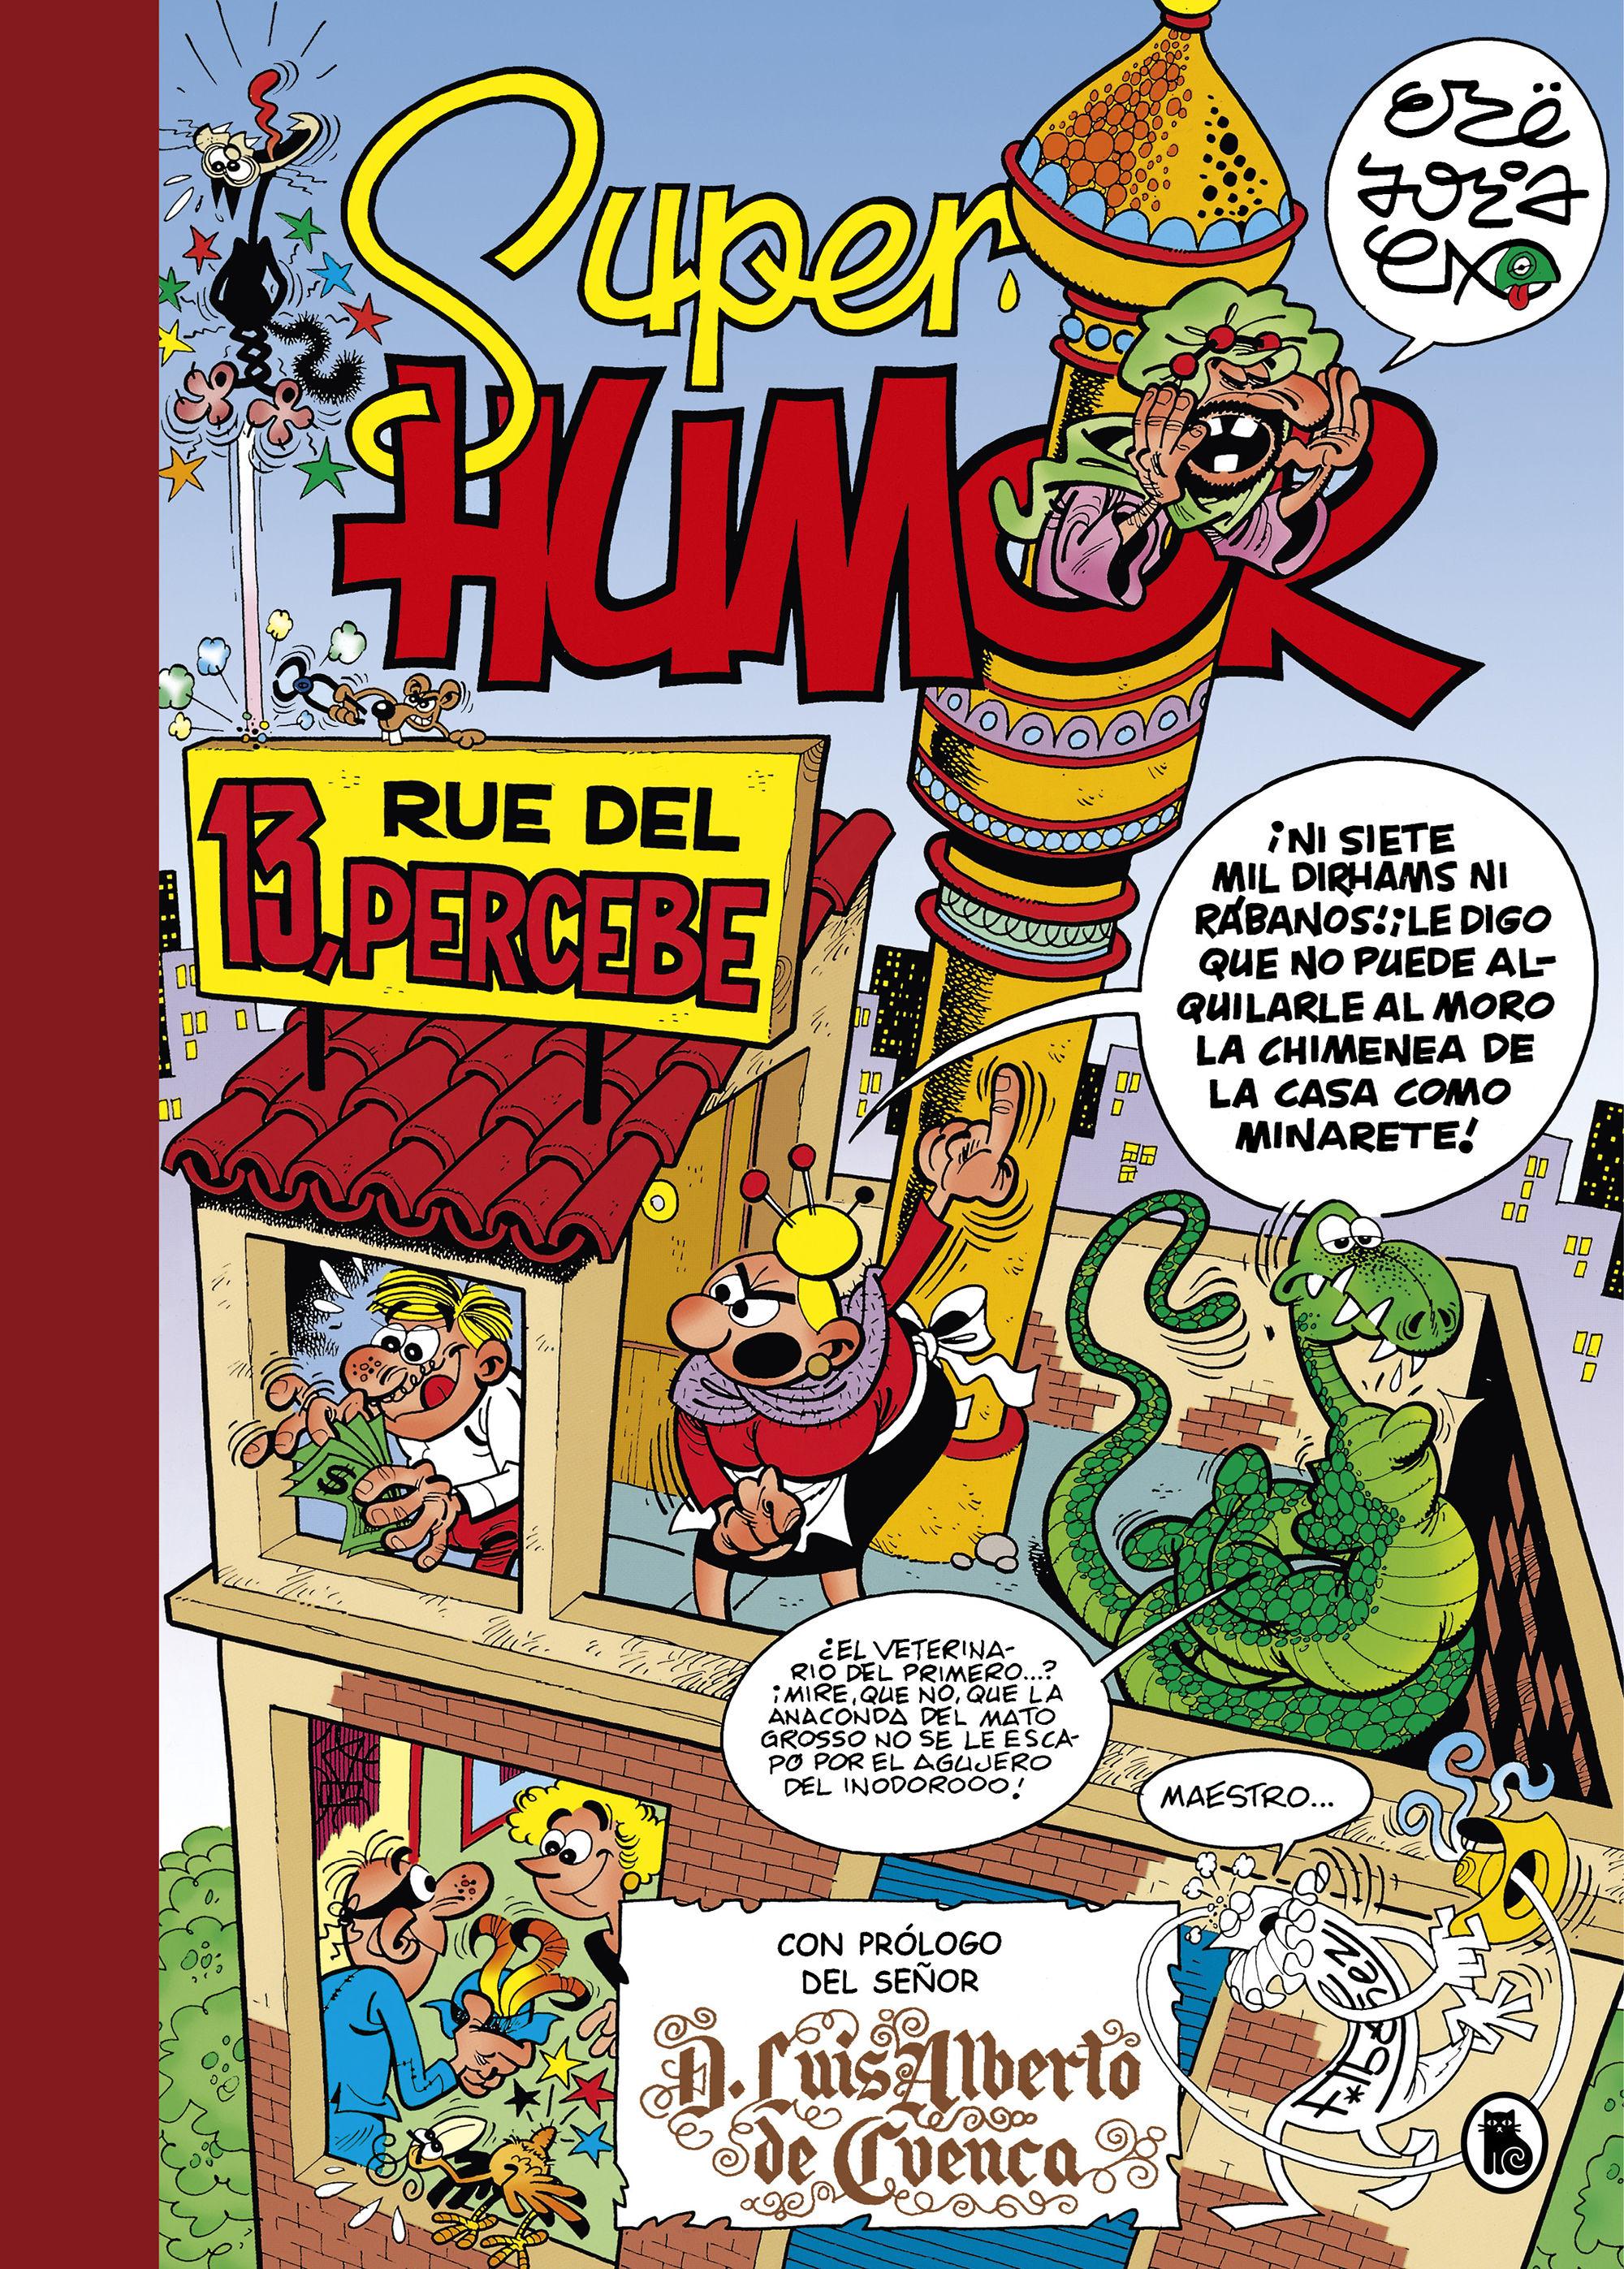 SUPER HUMOR MORTADELO 35 13 RUE DEL PER